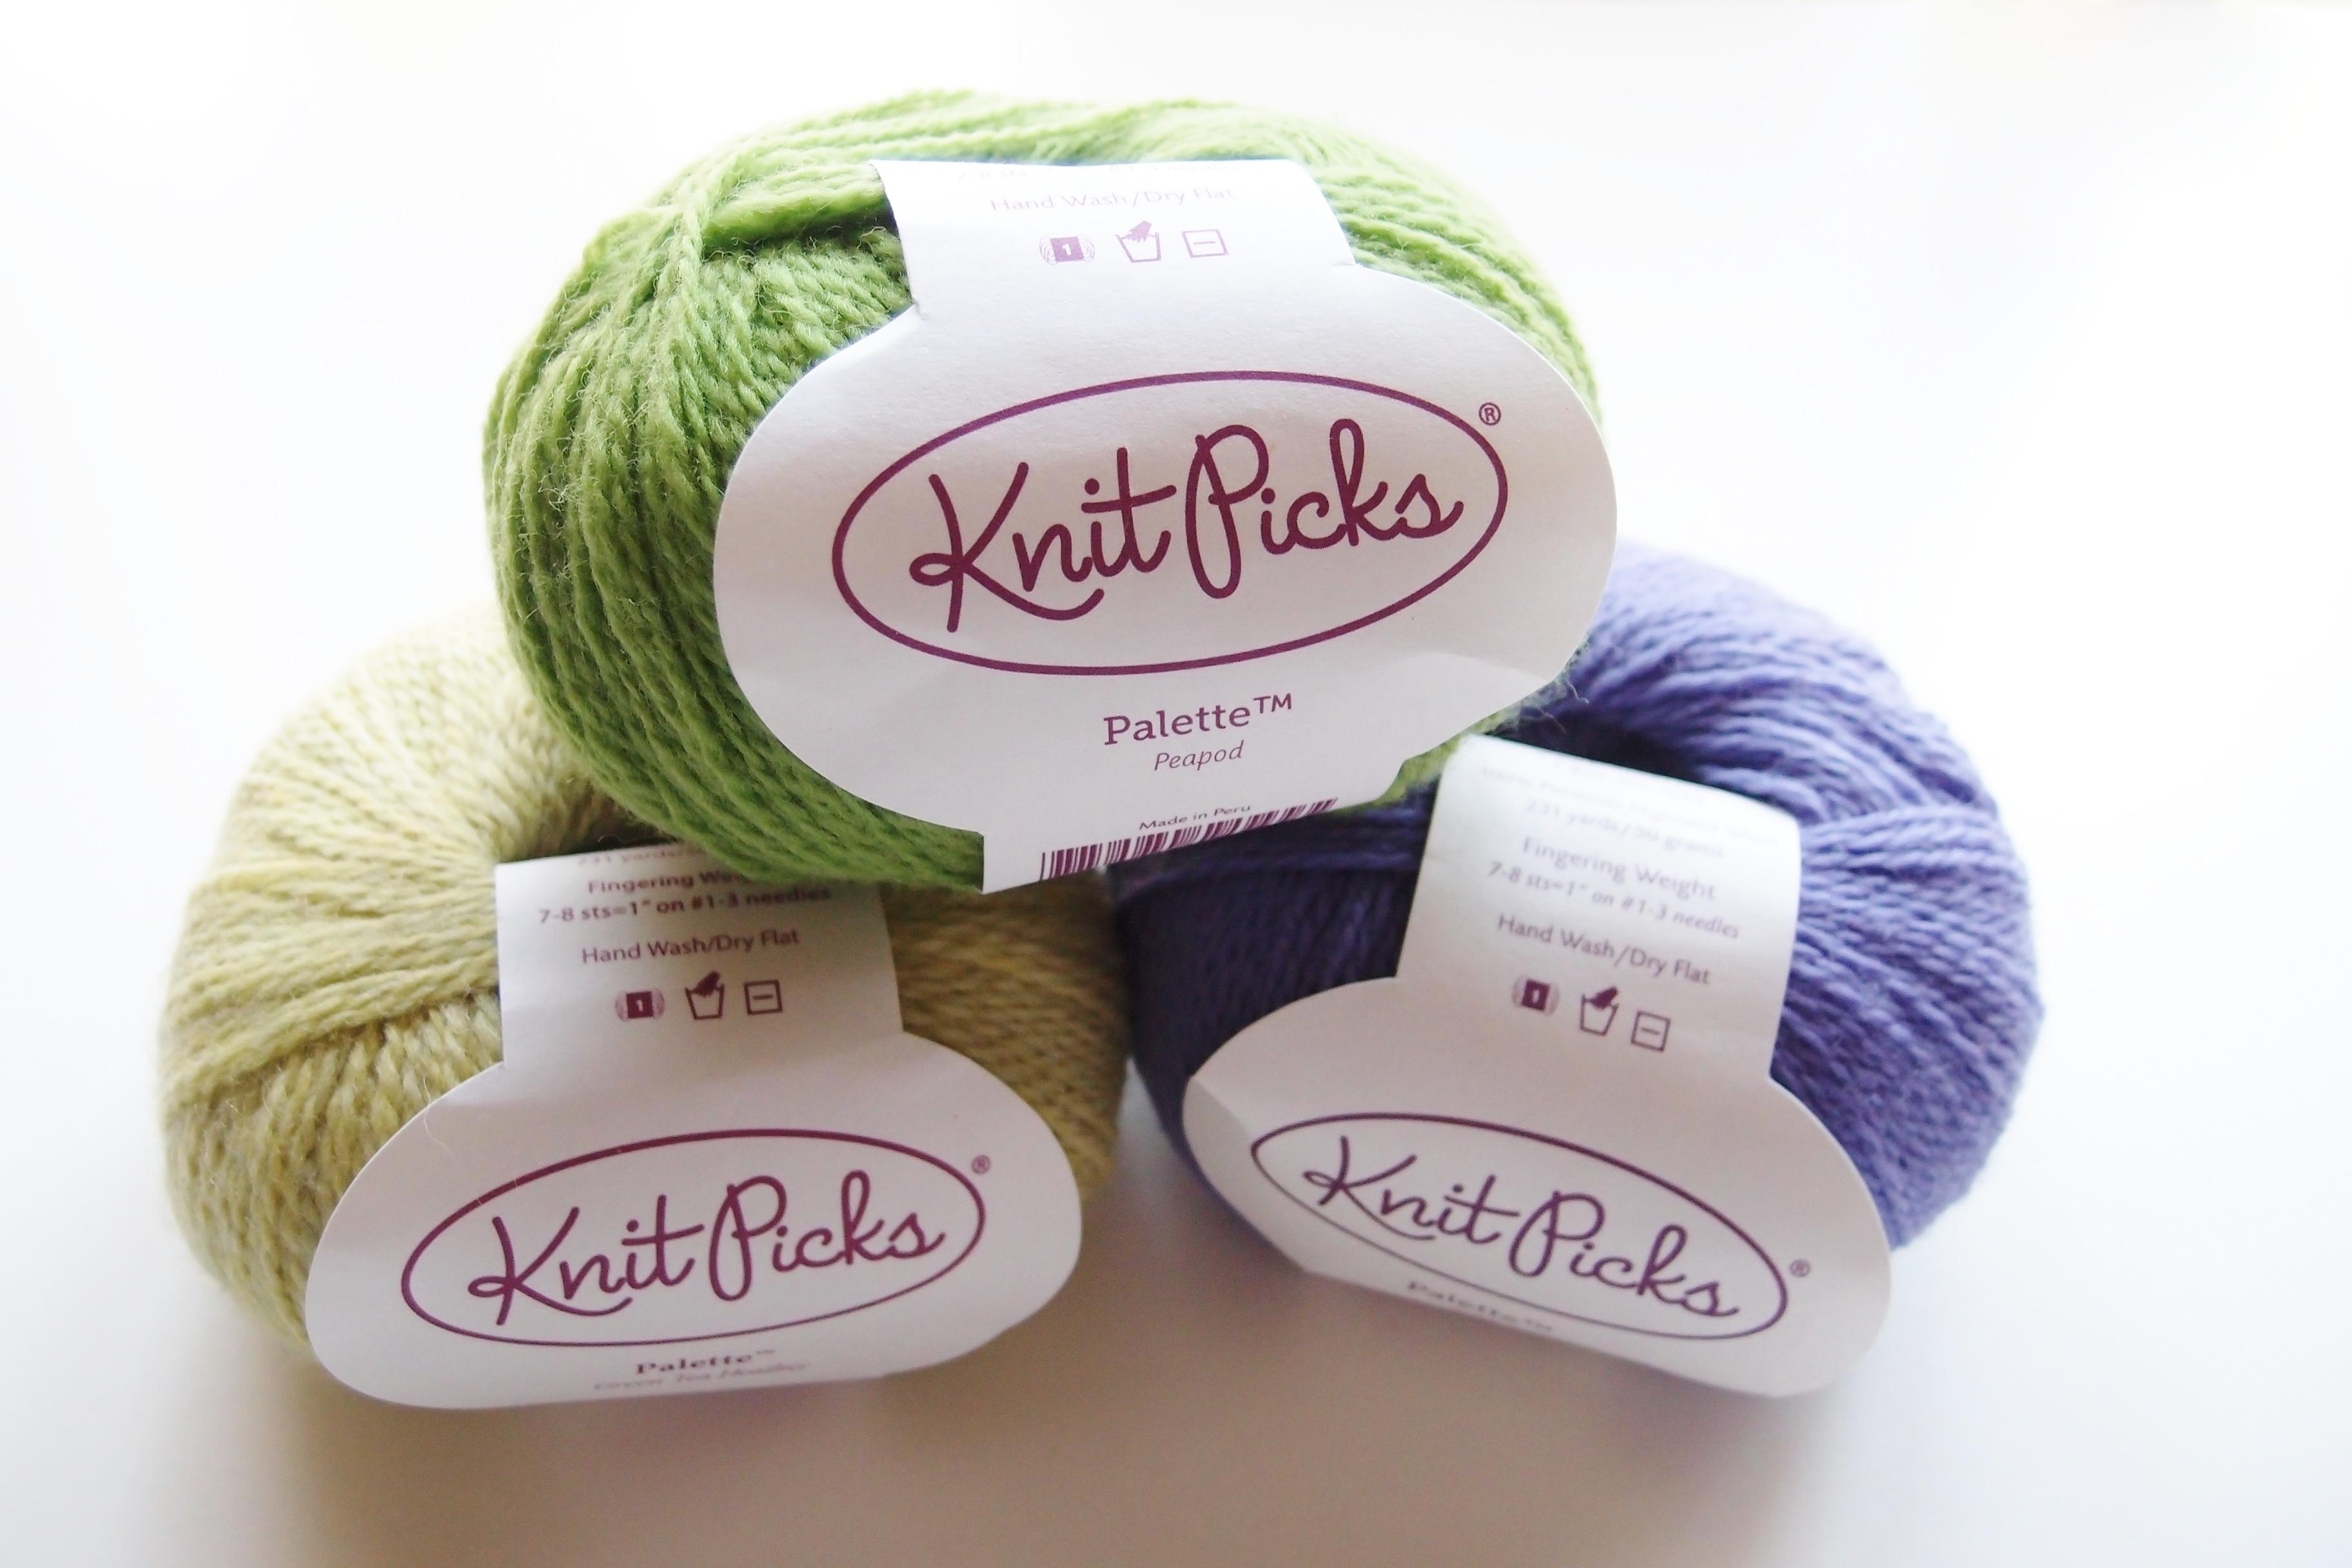 最近購入した編み物関連のグッズ